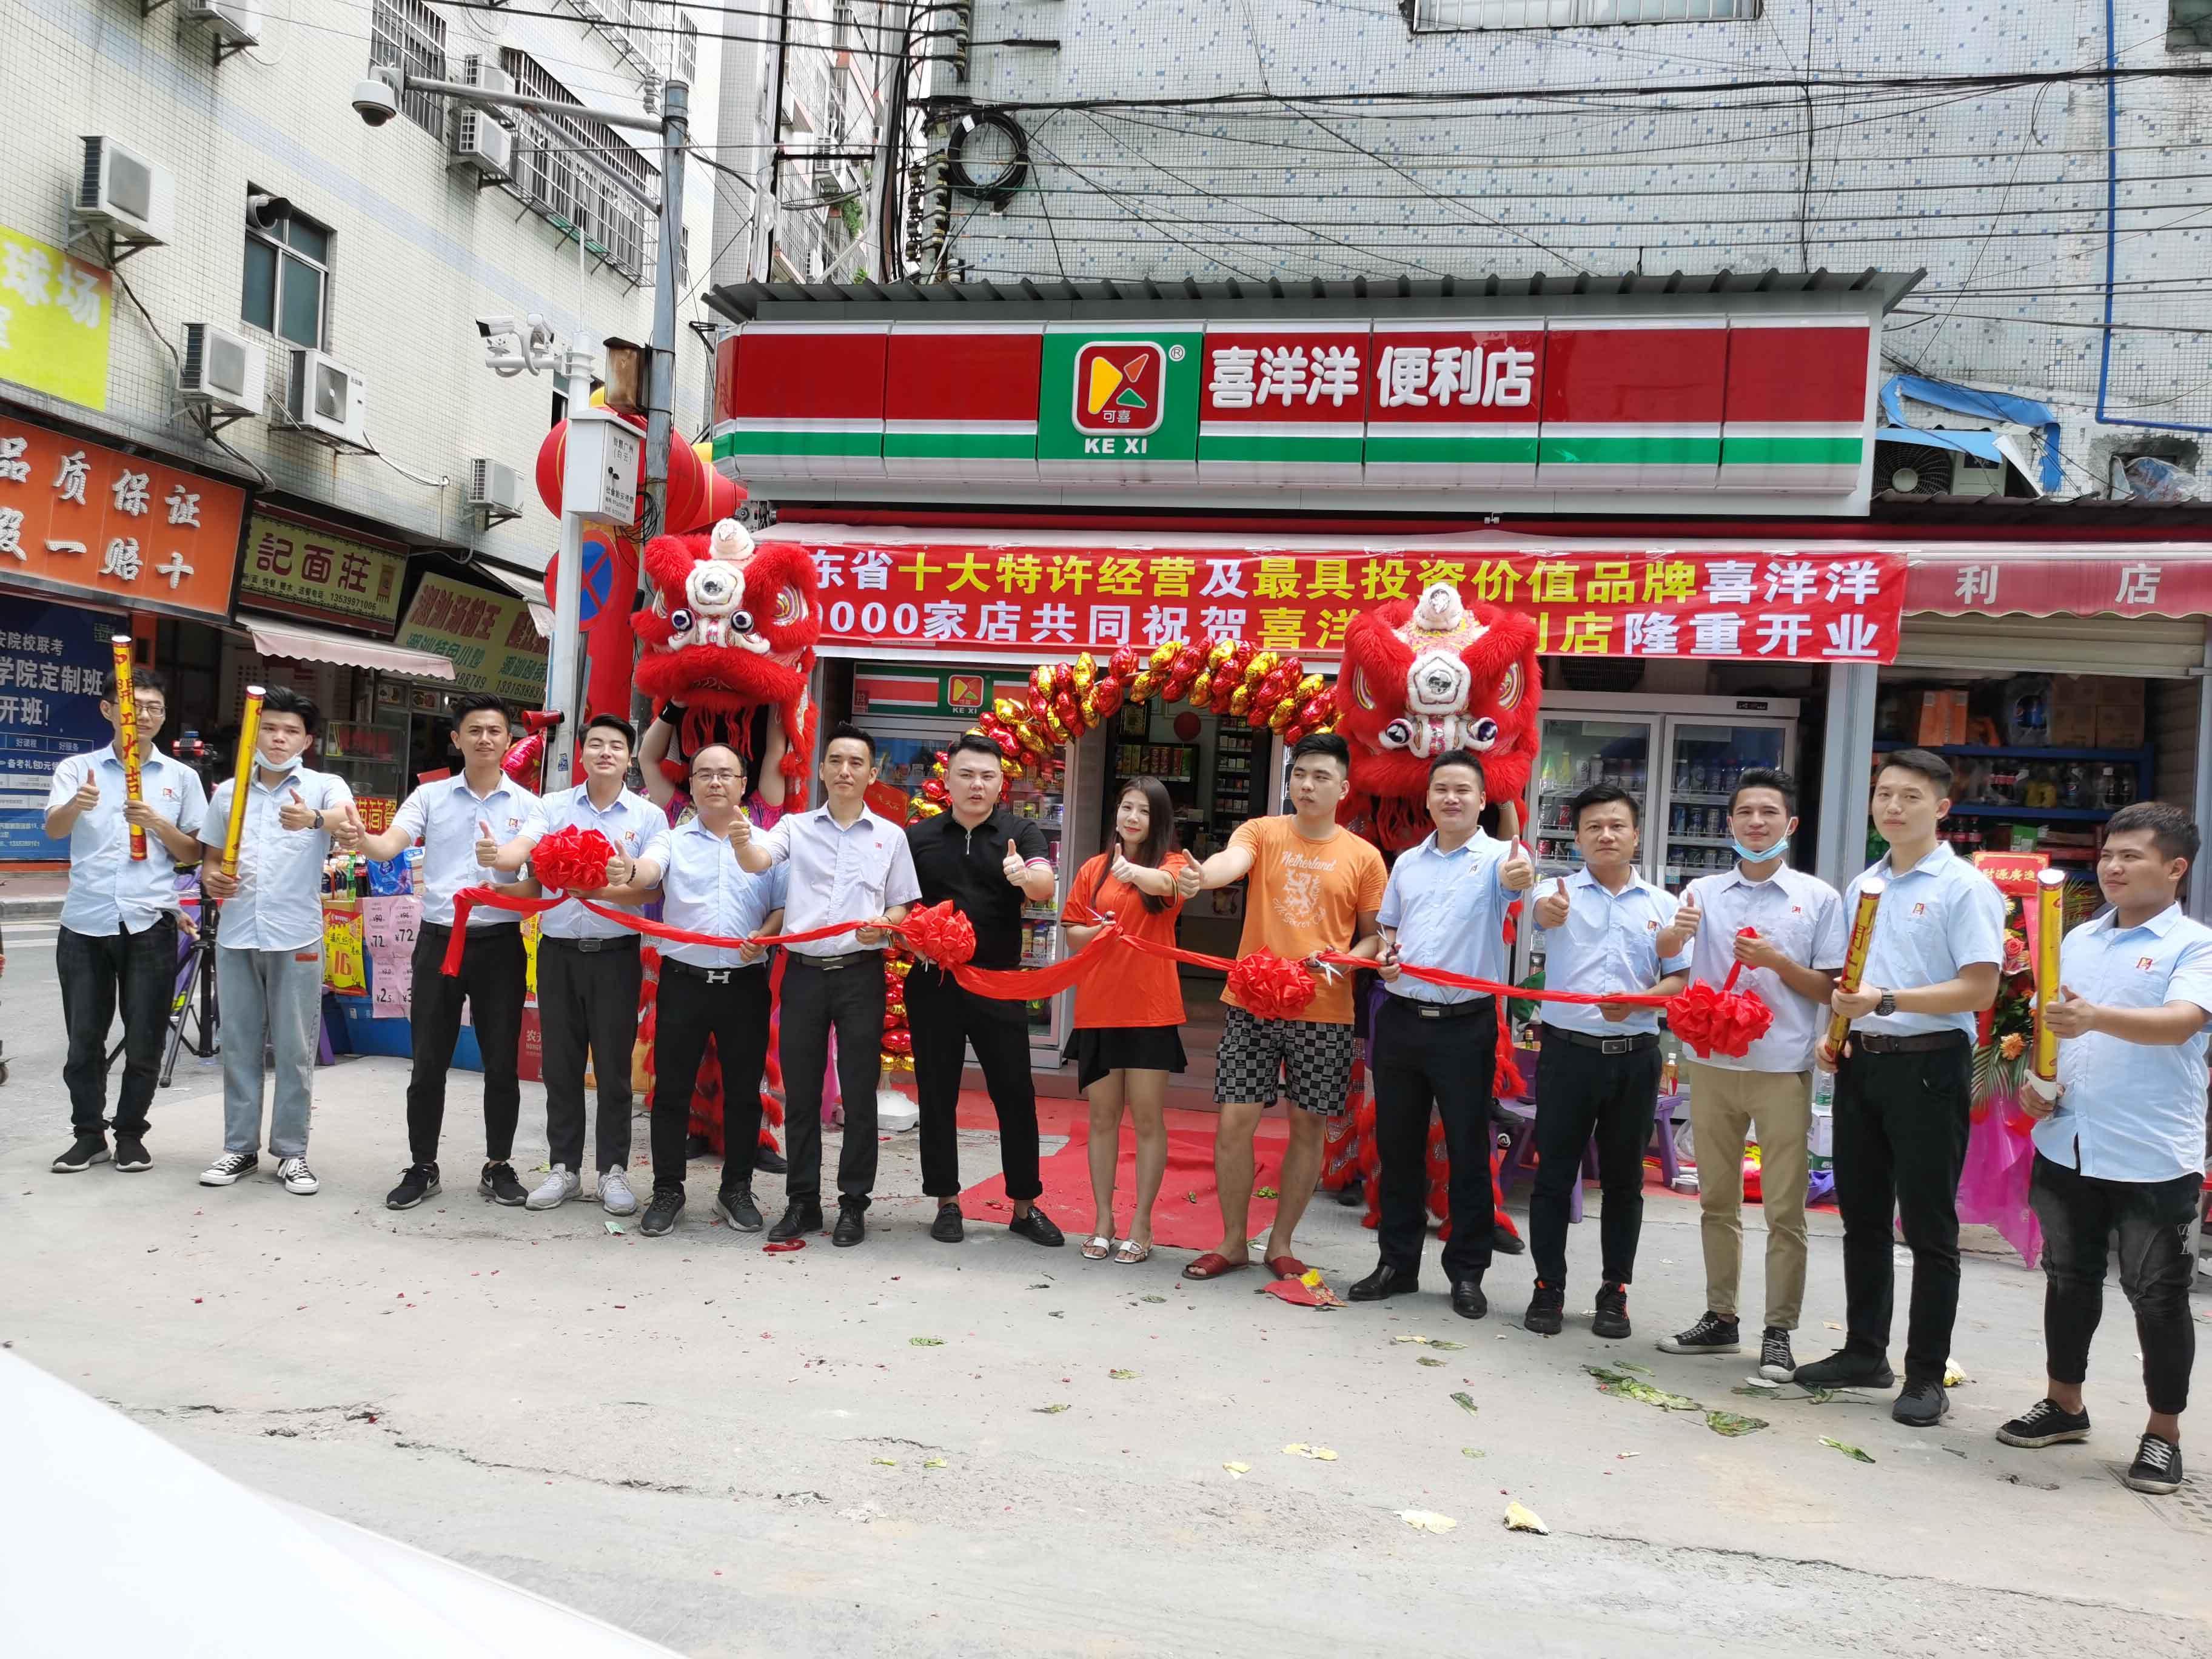 热烈祝贺喜洋洋9月11日又迎来新店开业:7037分店